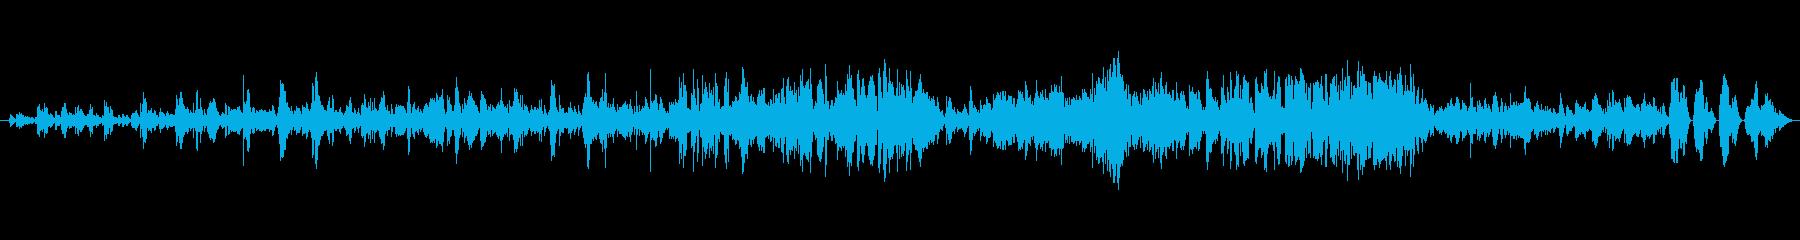 ソフト/スムースジャズ。愛、ノスタ...の再生済みの波形